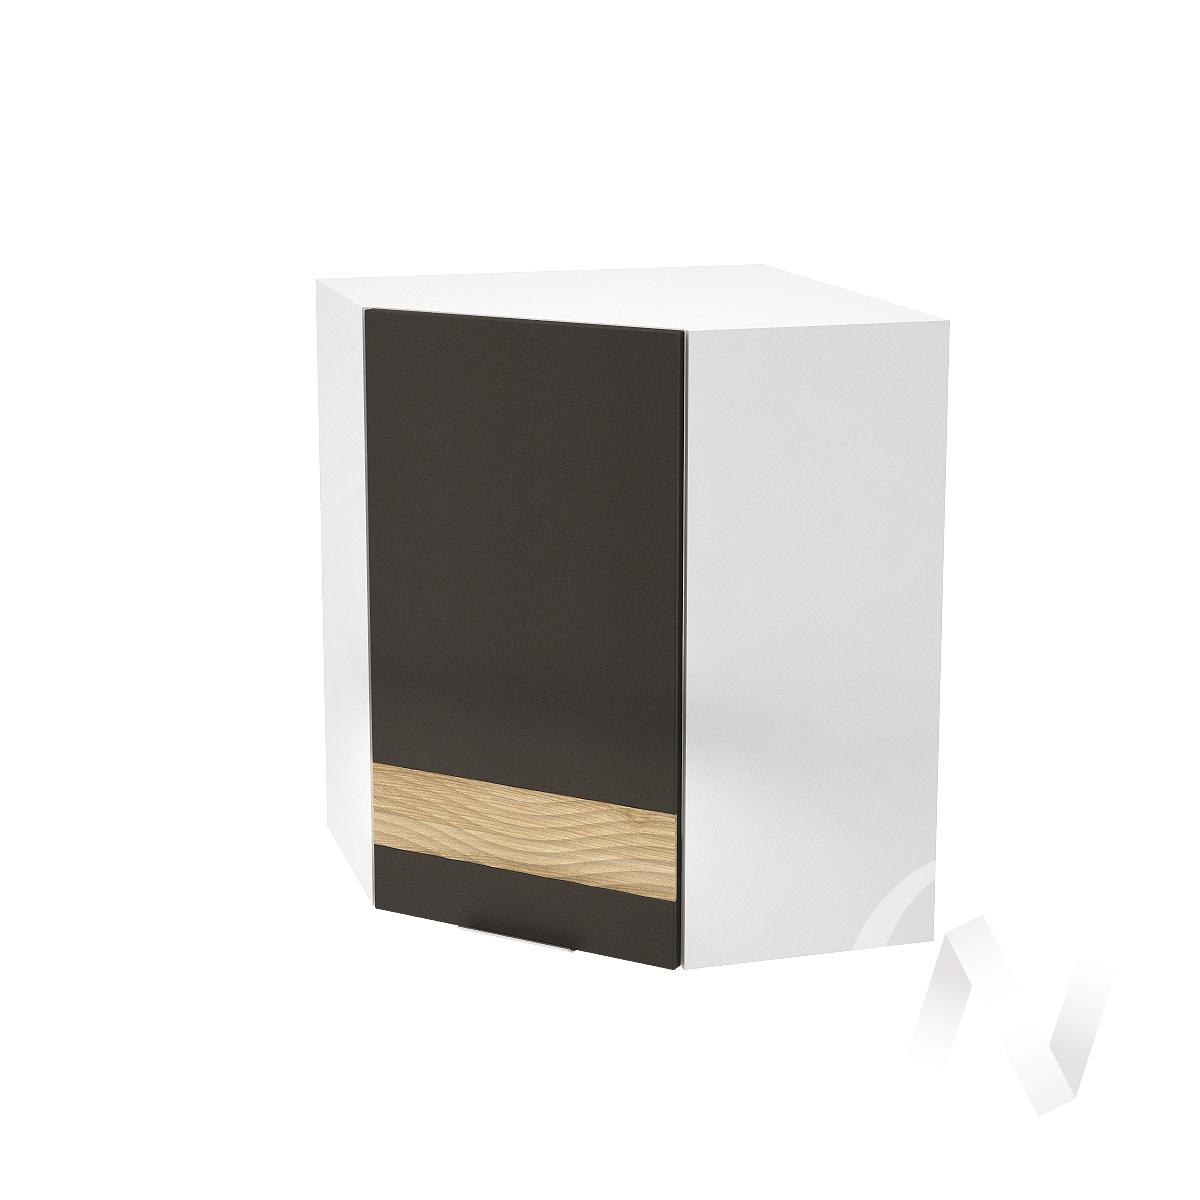 """Кухня """"Терра"""": Шкаф верхний угловой правый 590, ШВУ 590 (смоки софт/ель карпатская/корпус белый)"""